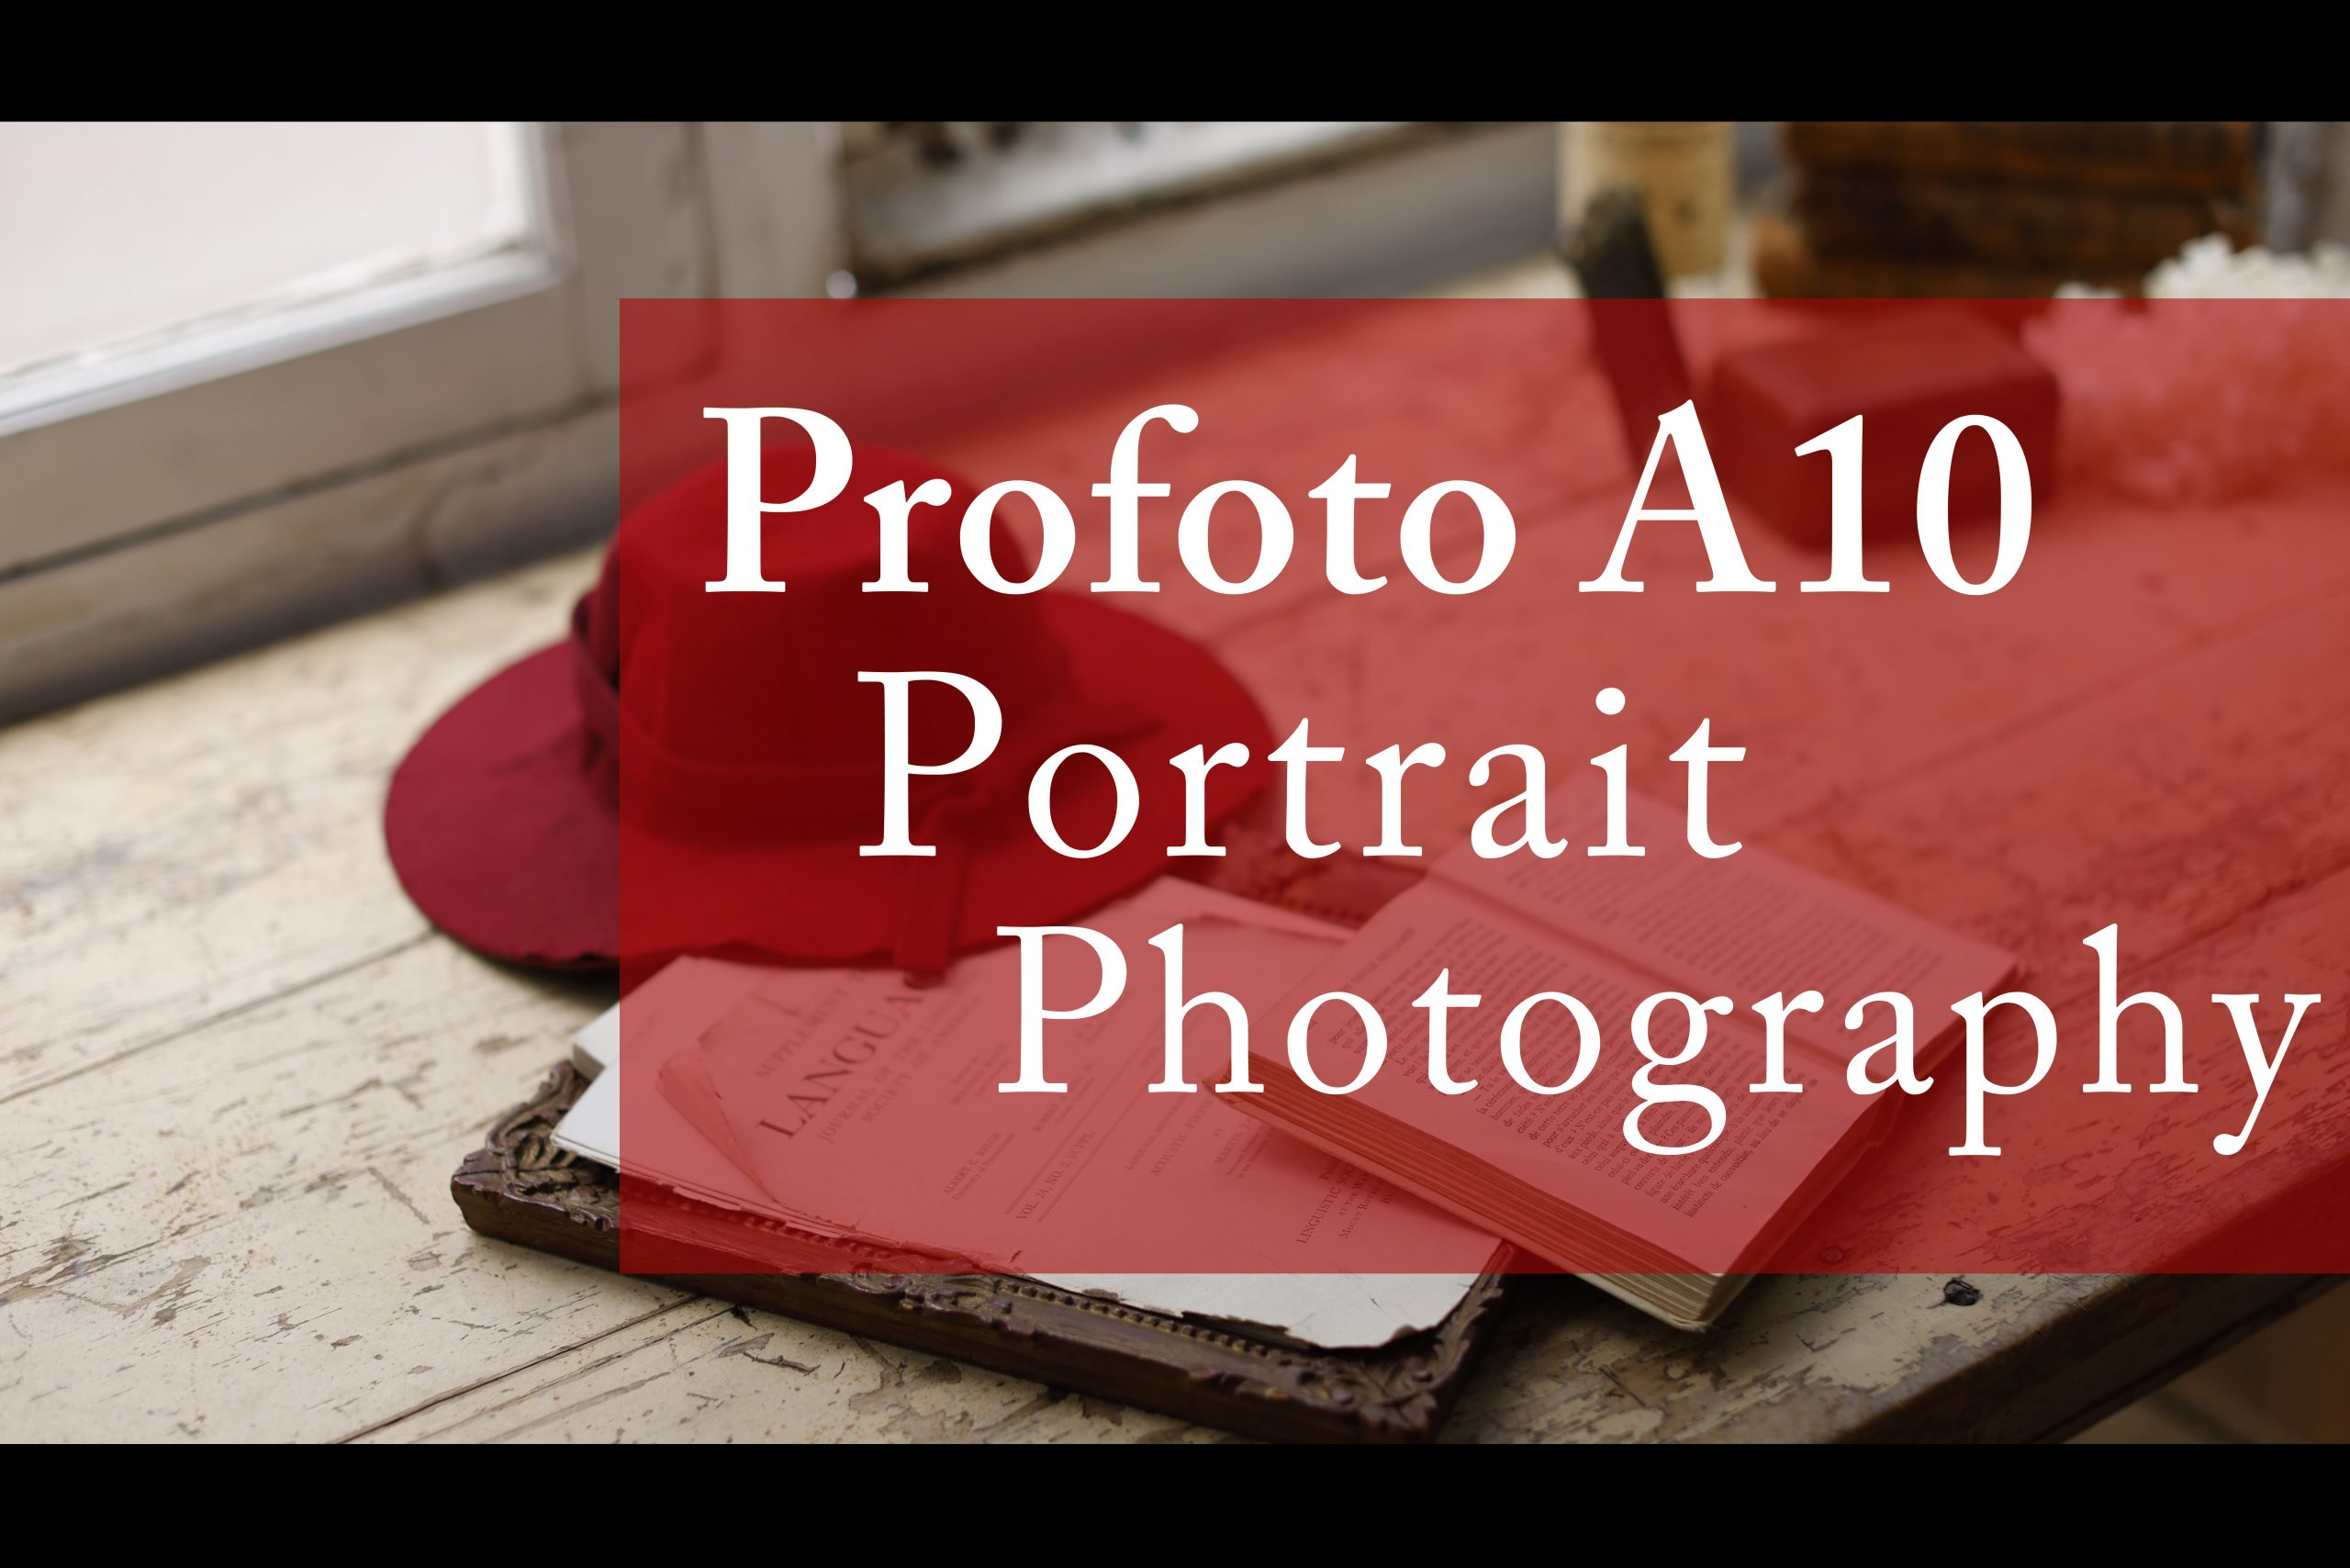 【Profoto】A10 Portrait photography